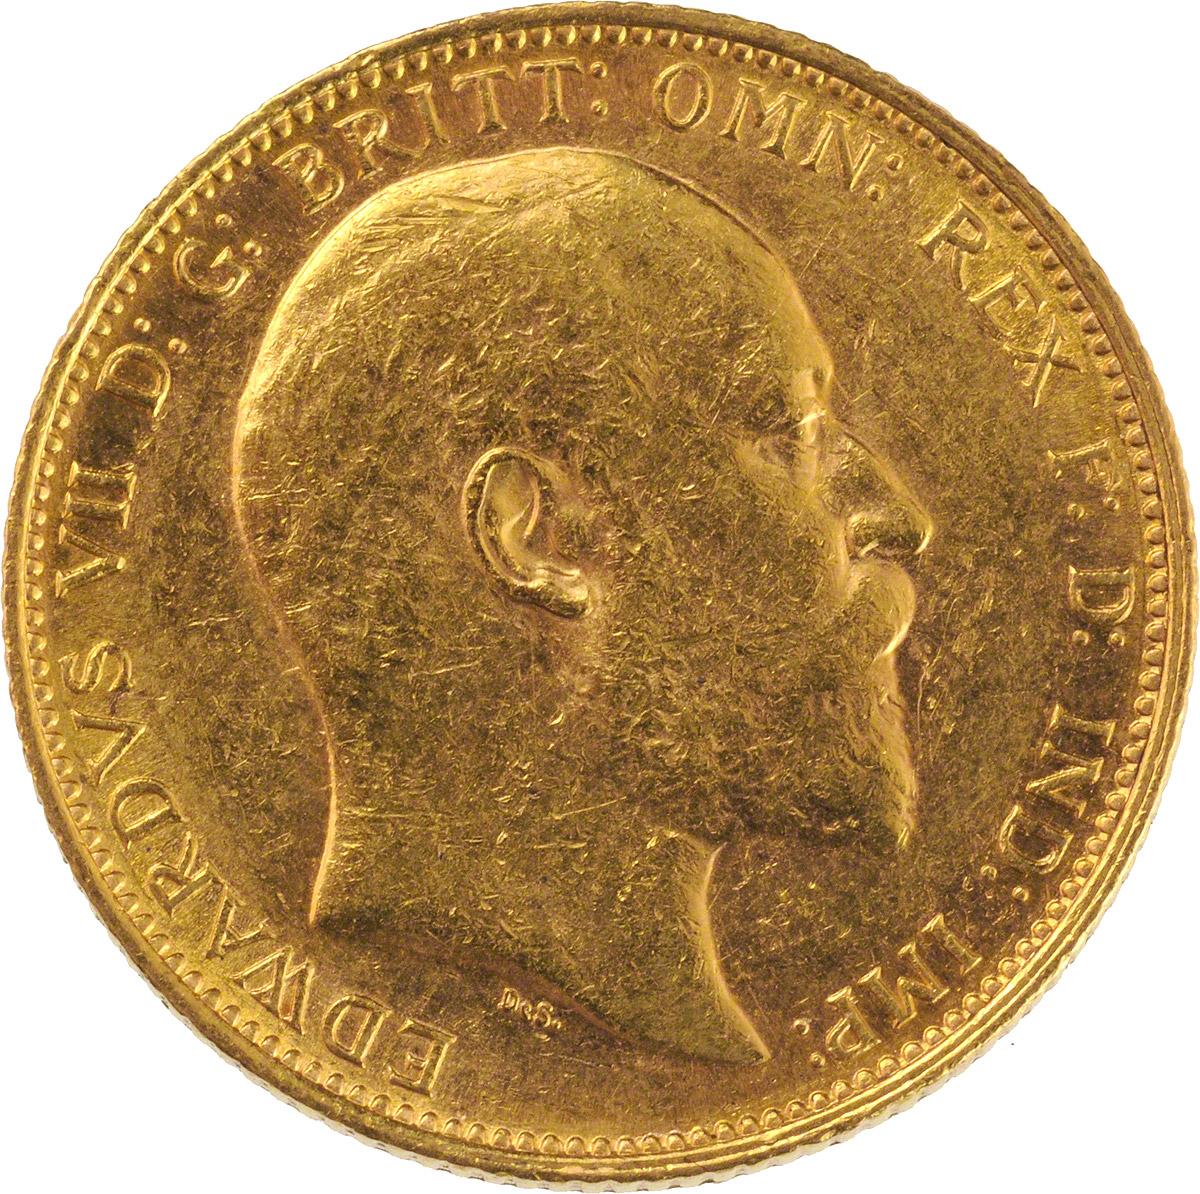 1905 Εδουάρδος Ζ' (Νομισματοκοπείο Μελβούρνης)